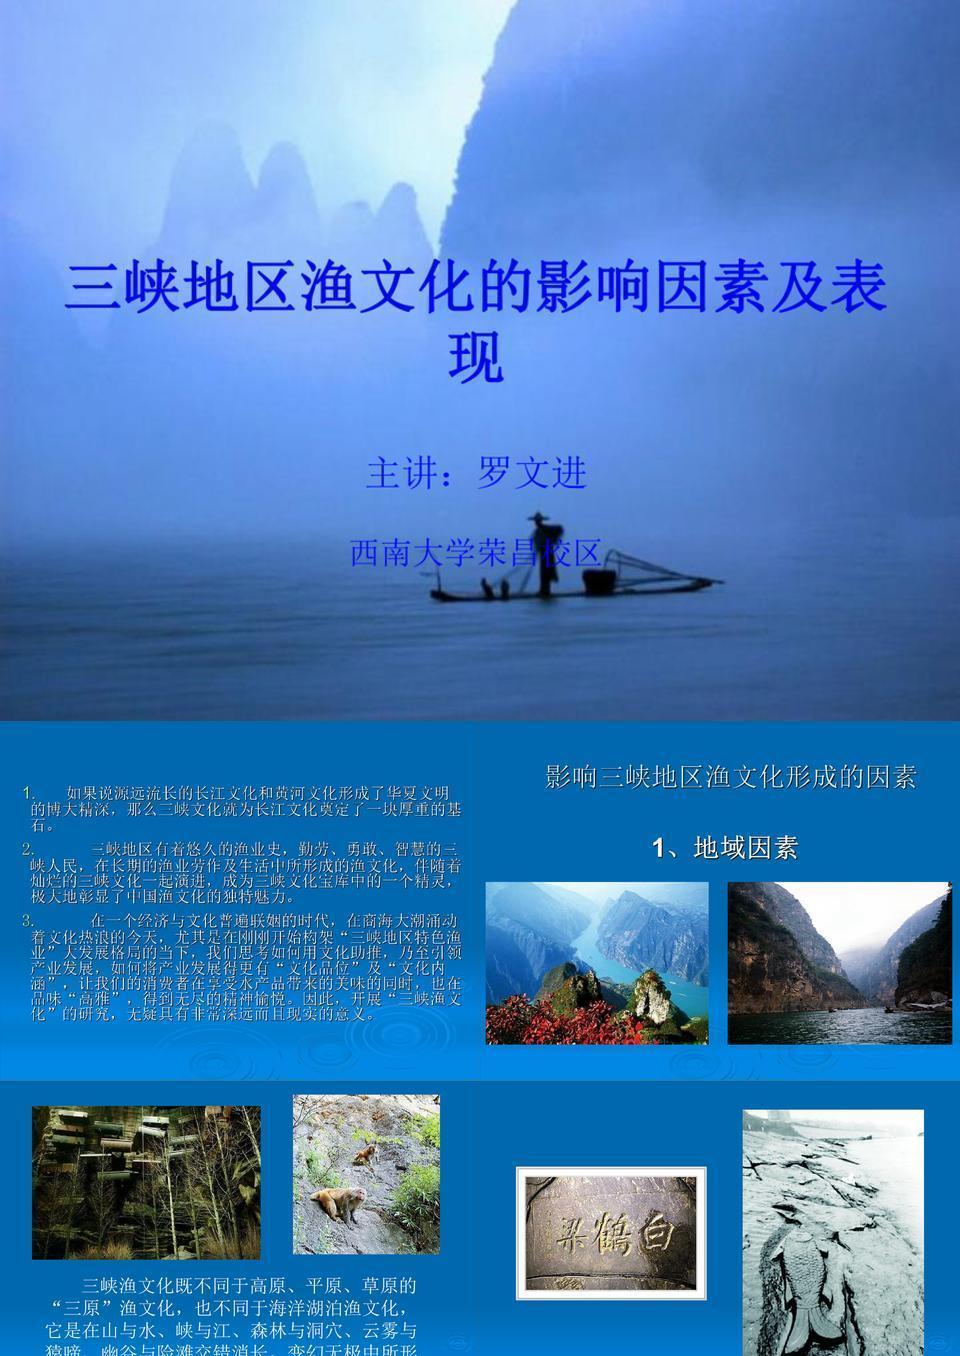 三峡地区渔文化的影响因素及其表现